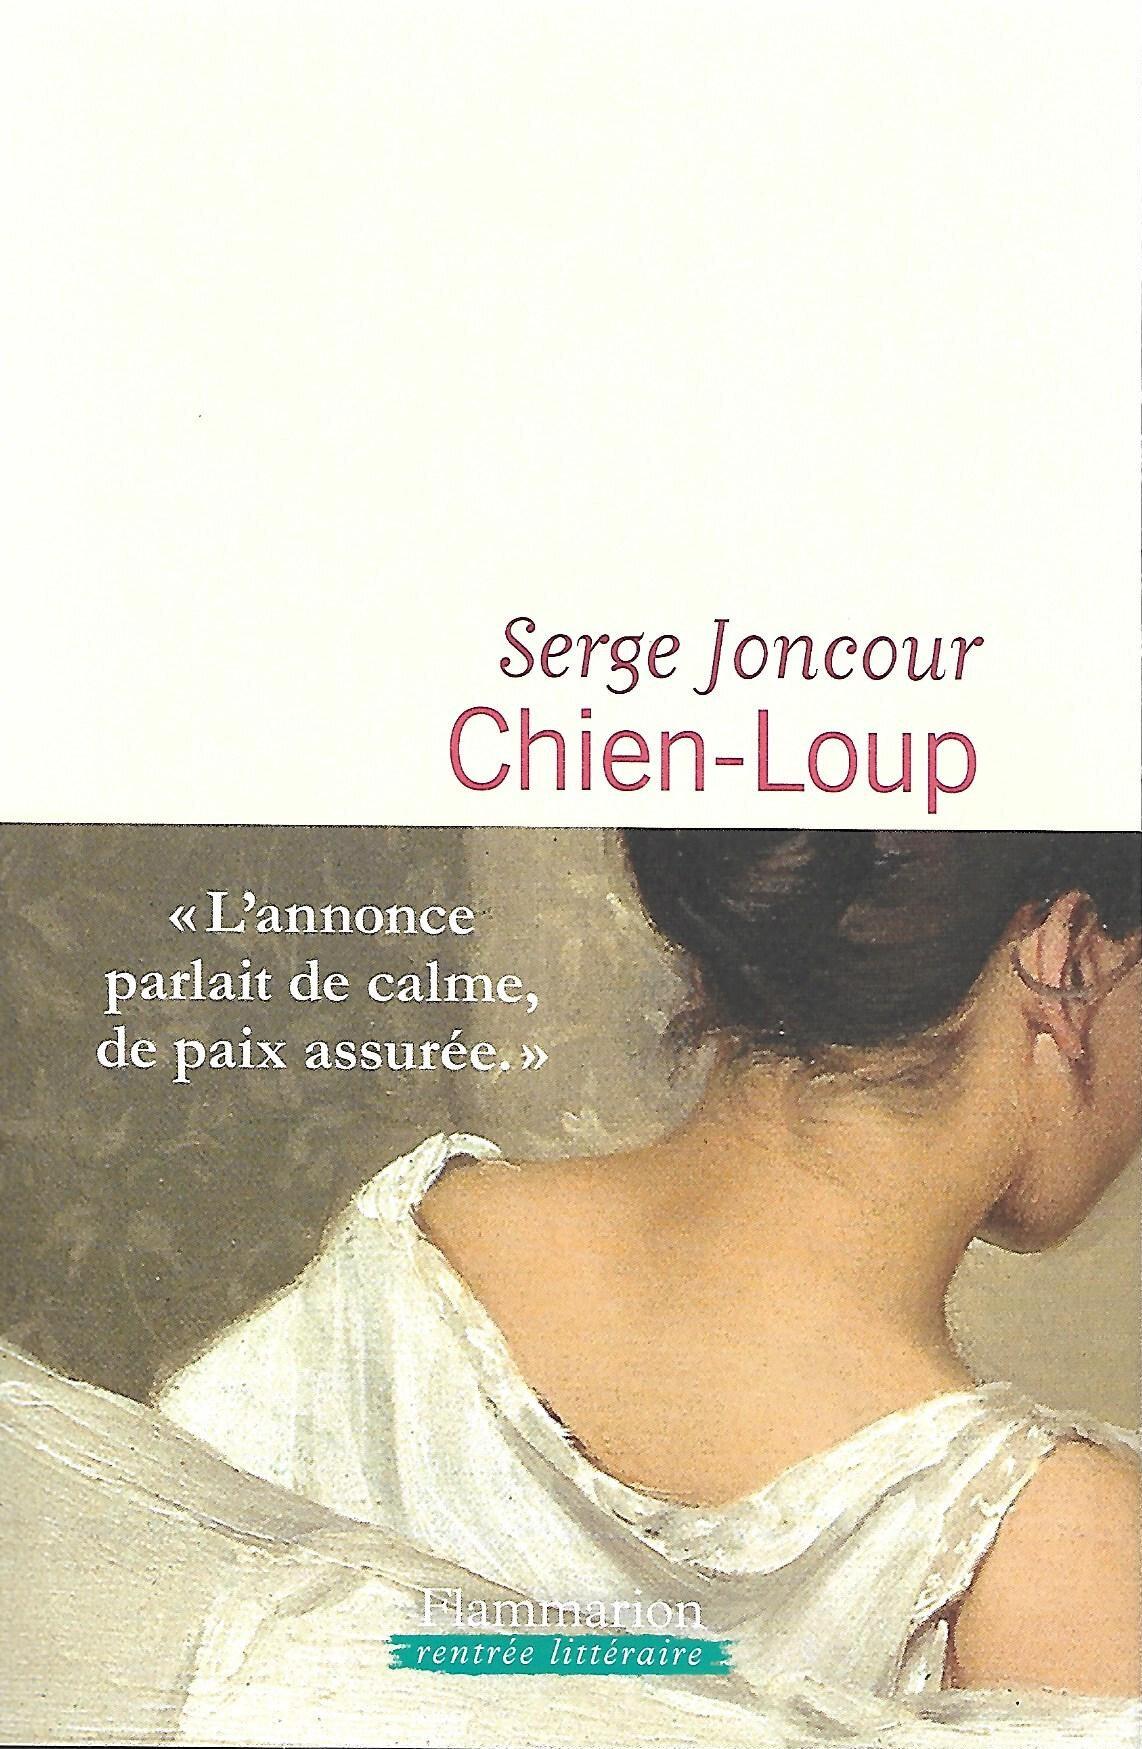 CHIEN-LOUP - par Serge Joncour